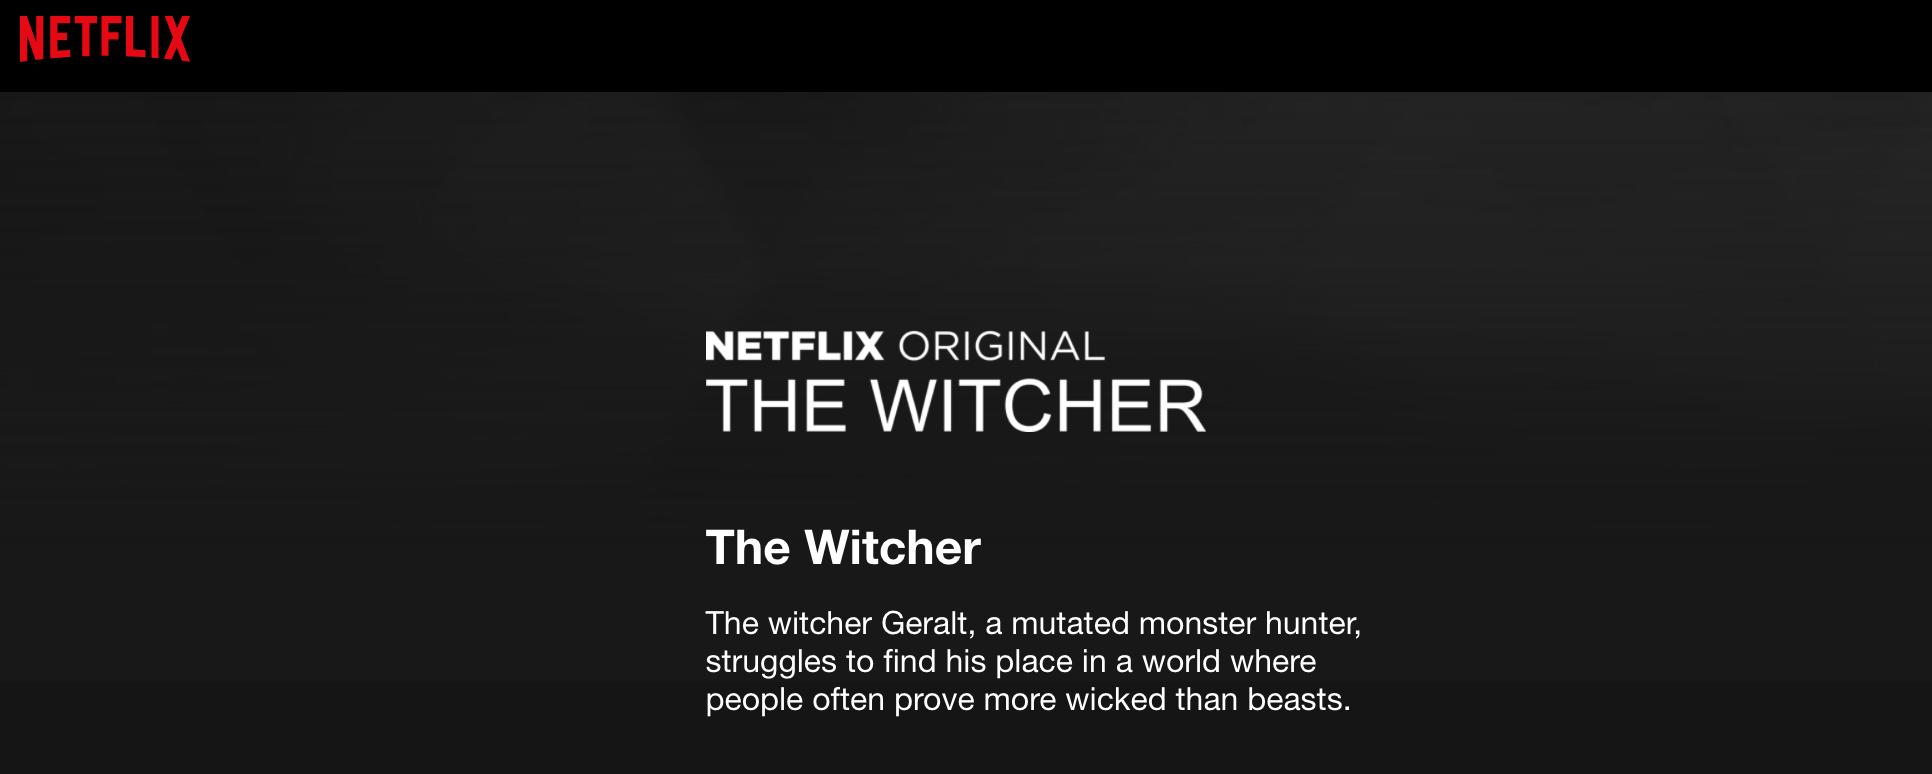 Só pra aquecer: surge a primeira sinopse da série de The Witcher na Netflix